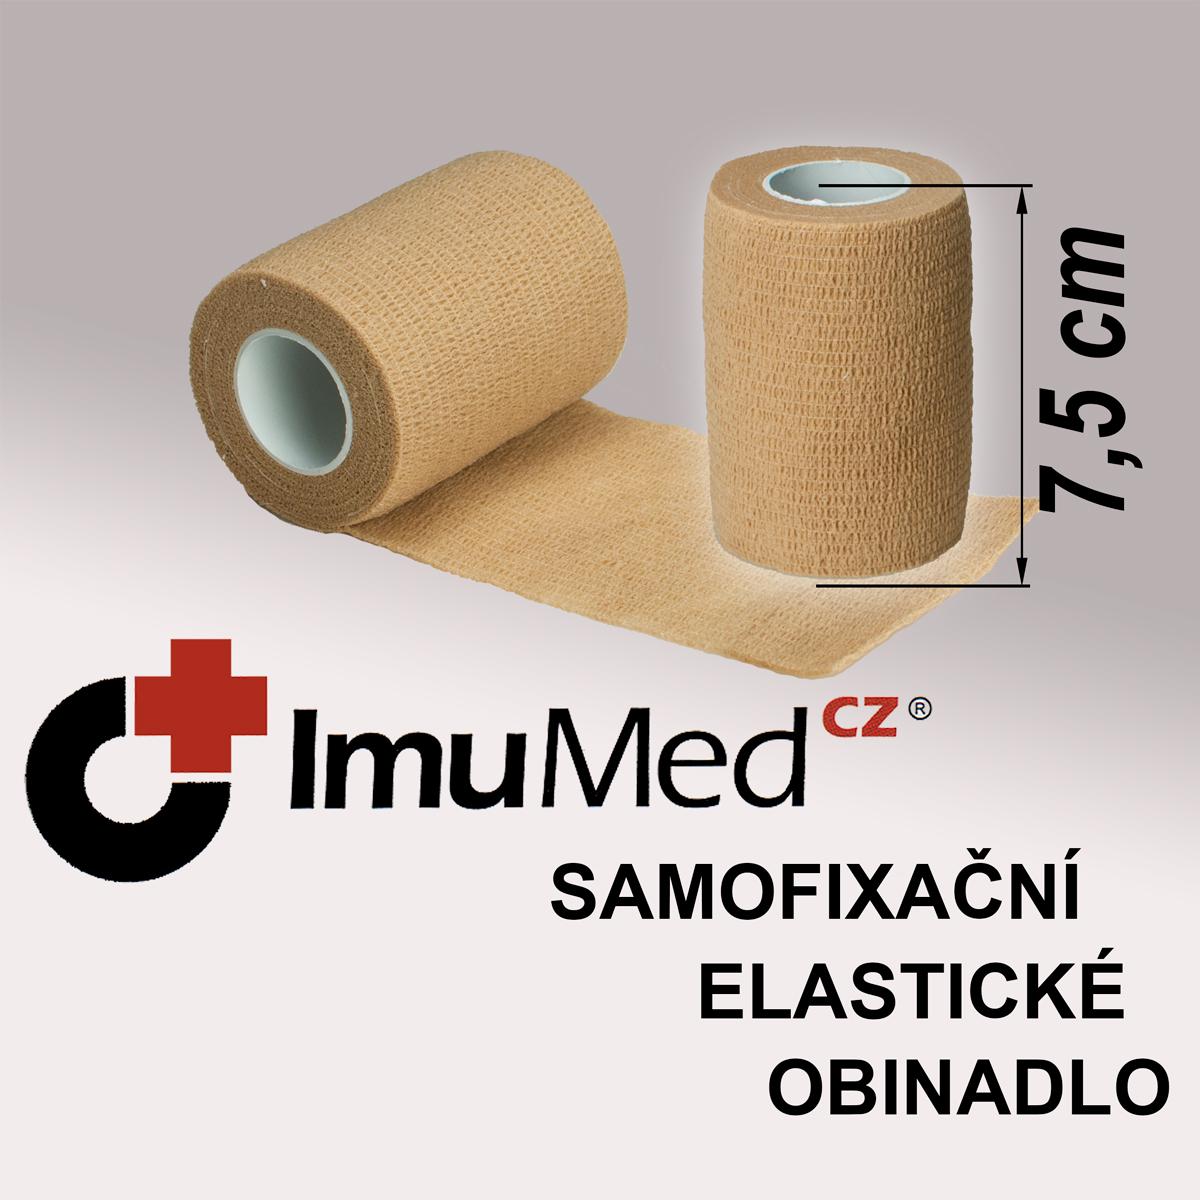 ImuMedCZ samofixační elastické obinadlo 7,5cm x 4,5m TĚLOVÁ barva ImuMedCZ samodržící elastické obinadlo 7,5cm x 4,5m TĚLOVÁ barva